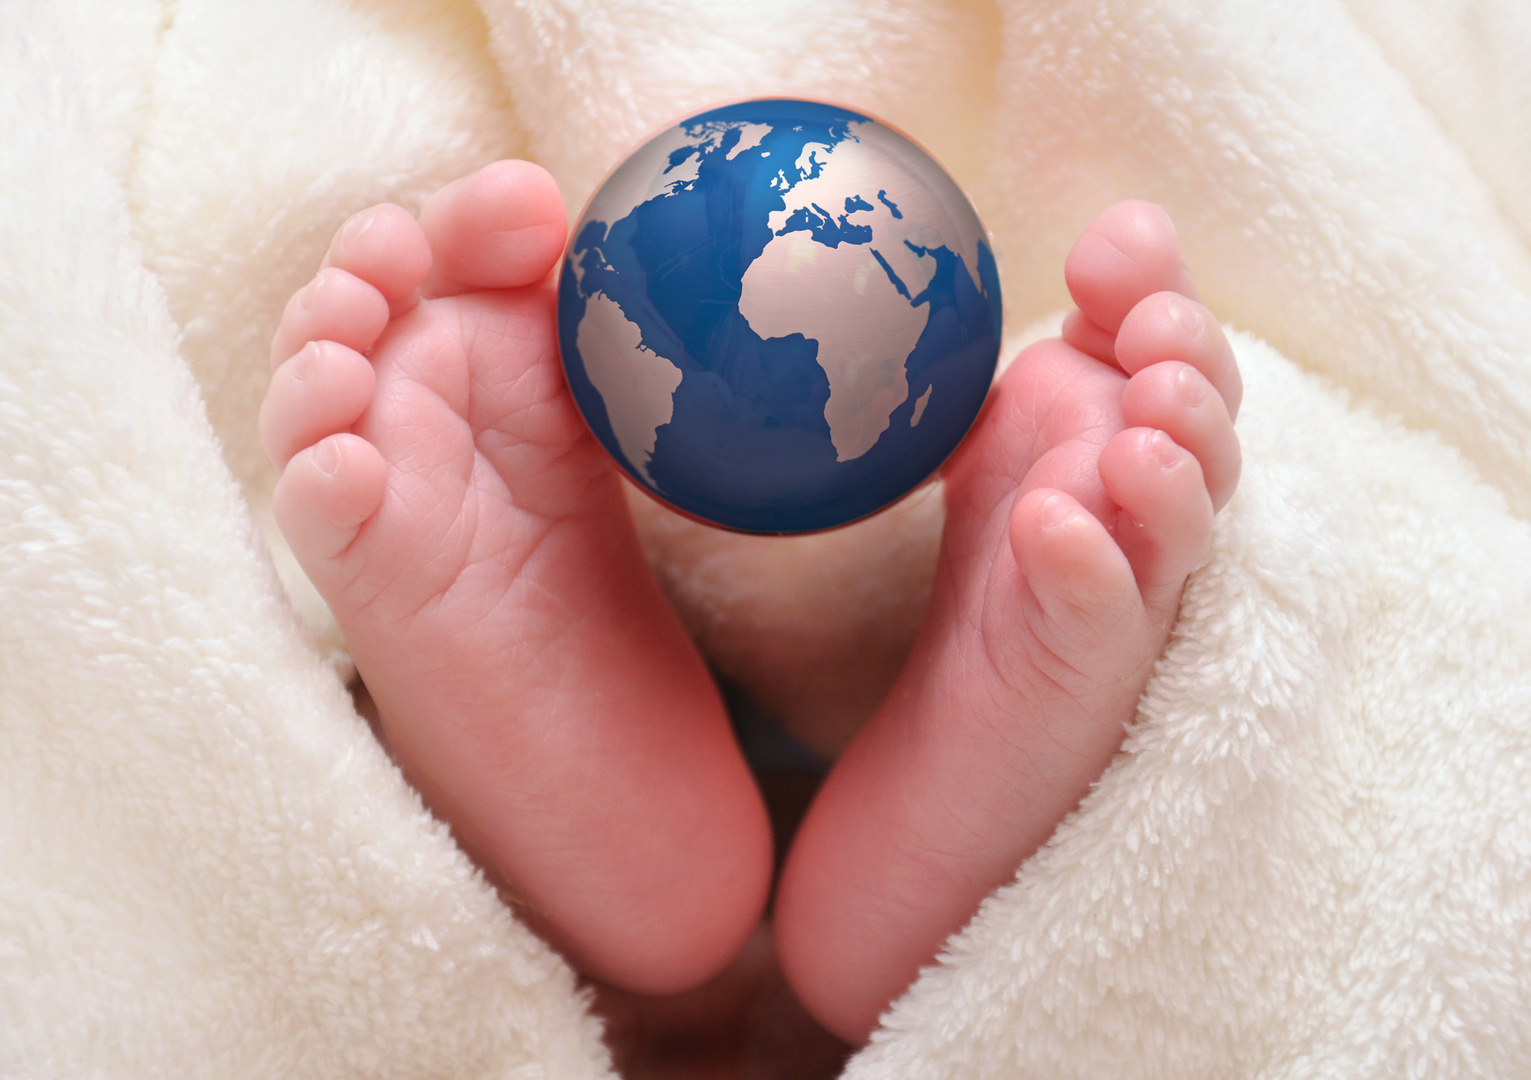 Globaler Schutz der Erde für die nächsten Generationen